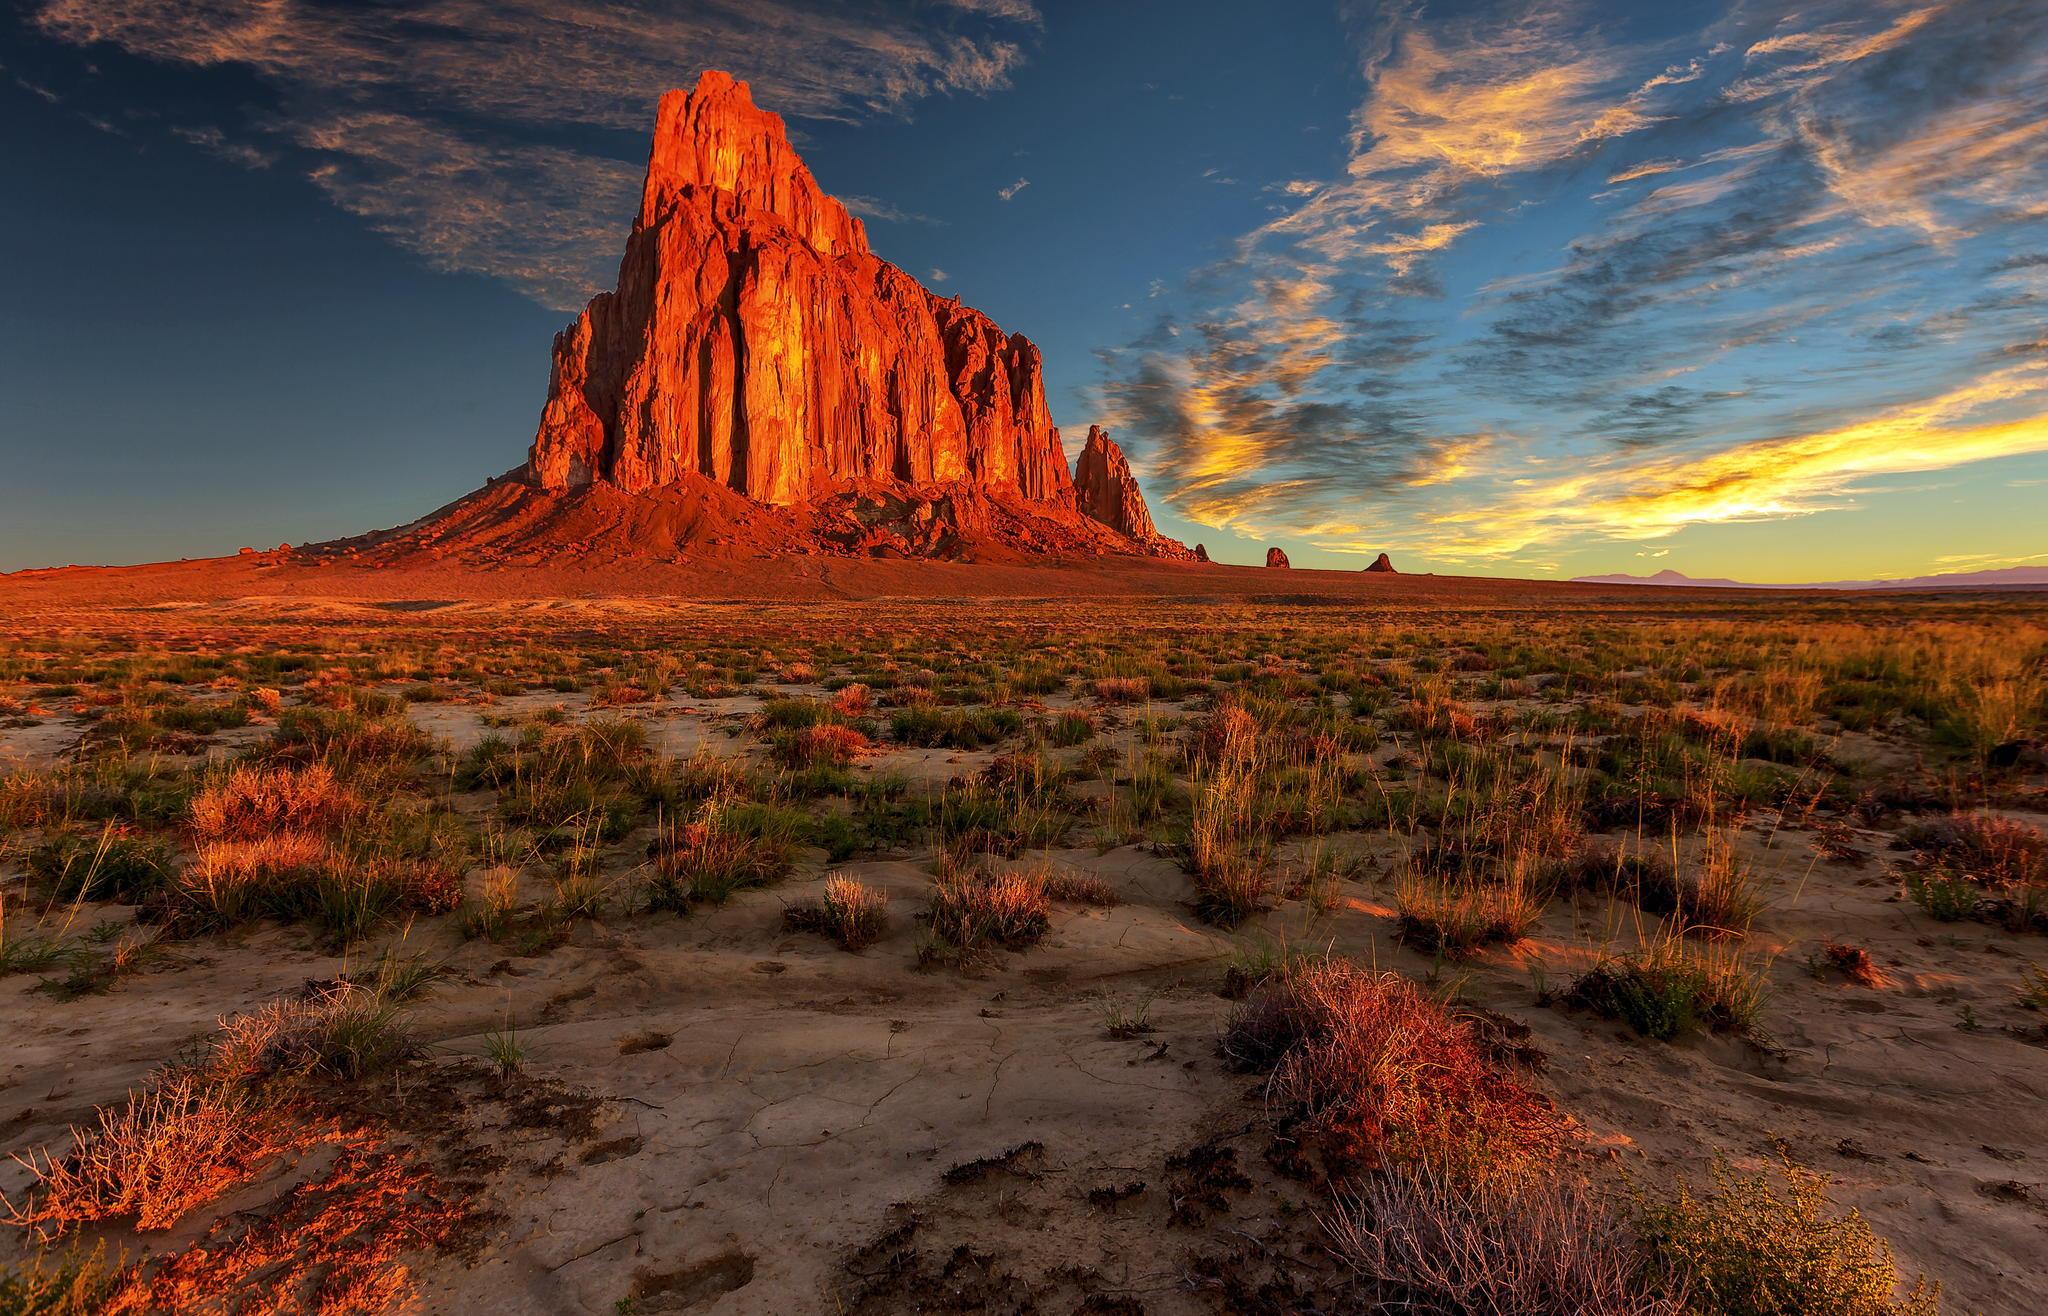 desert landscape wallpaper - photo #32